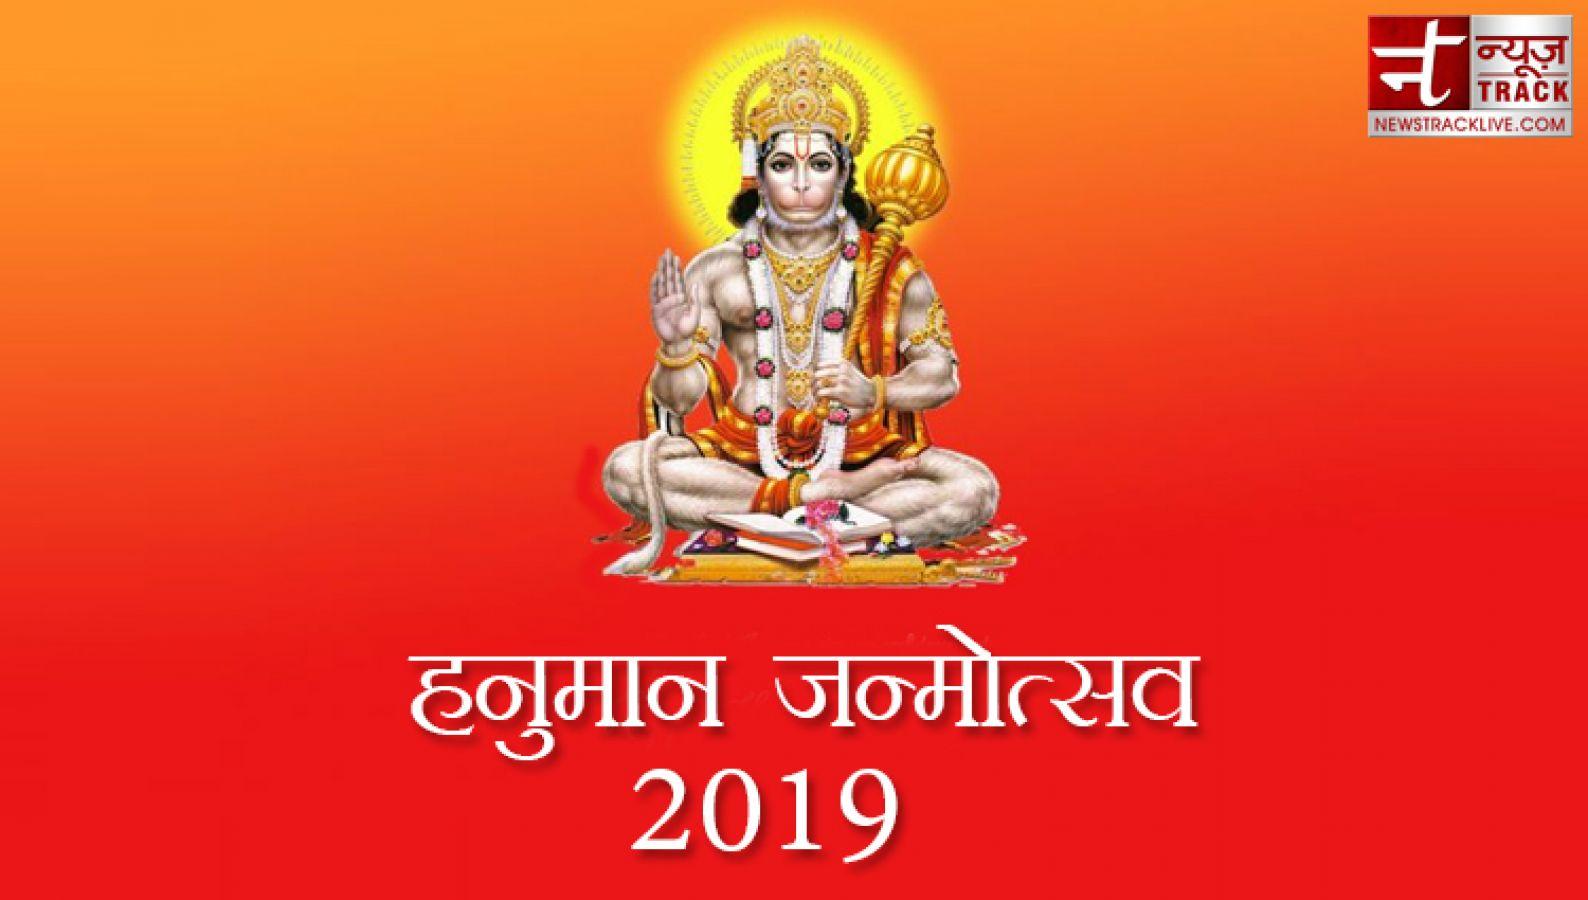 Happy Hanuman Jayanti २०१९ : हनुमान जयंती पर दोस्तों और रिश्तेदारों को यह संदेश भेजकर दें शुभकामनाएं